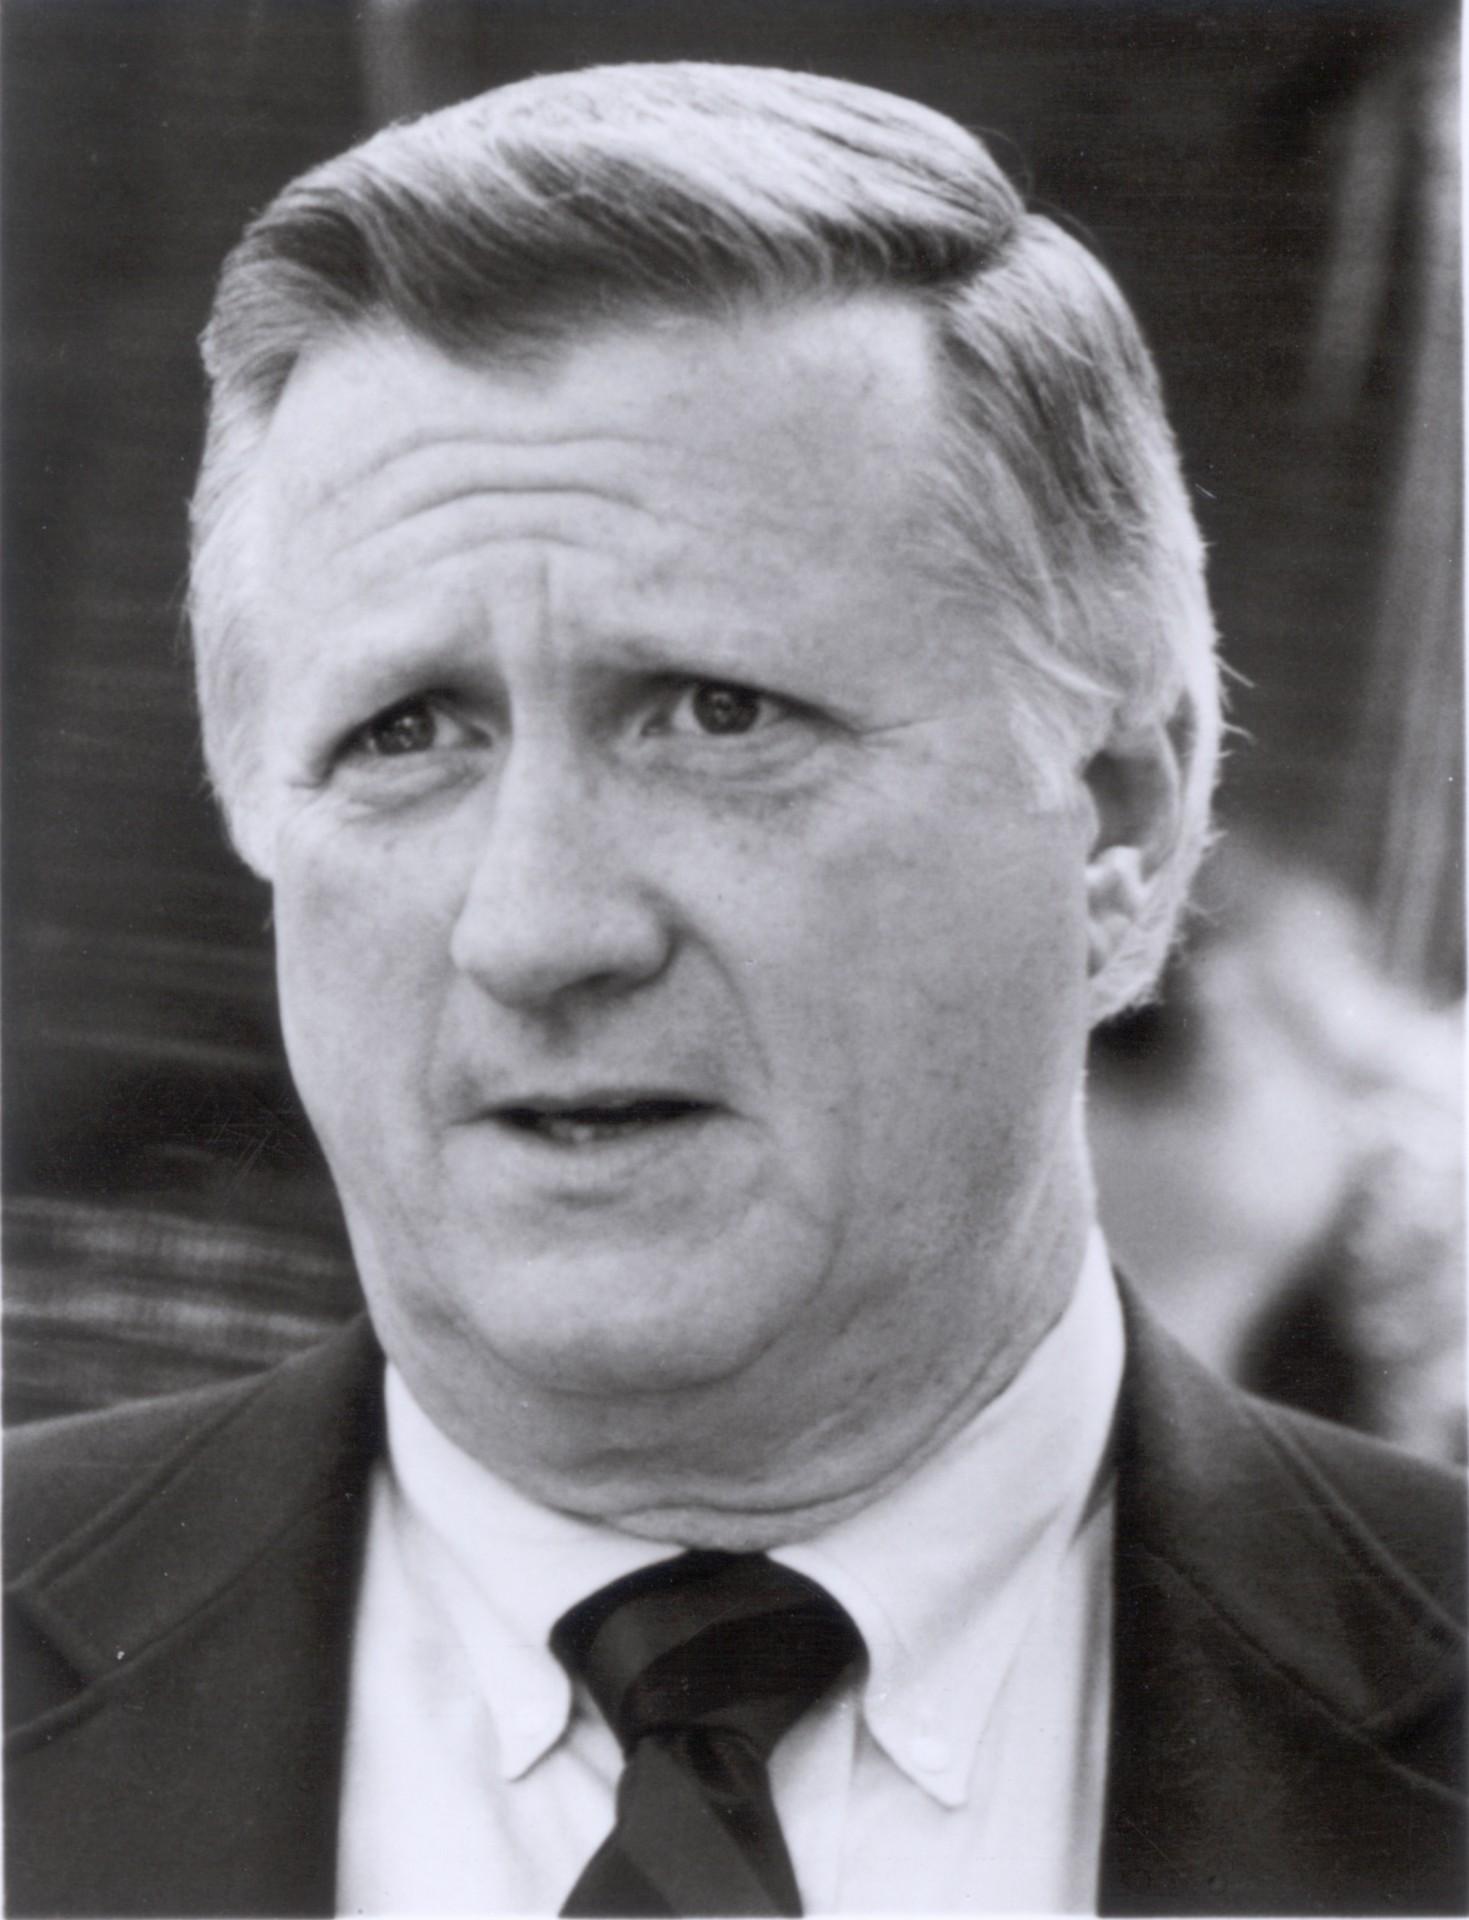 George Steinbrenner